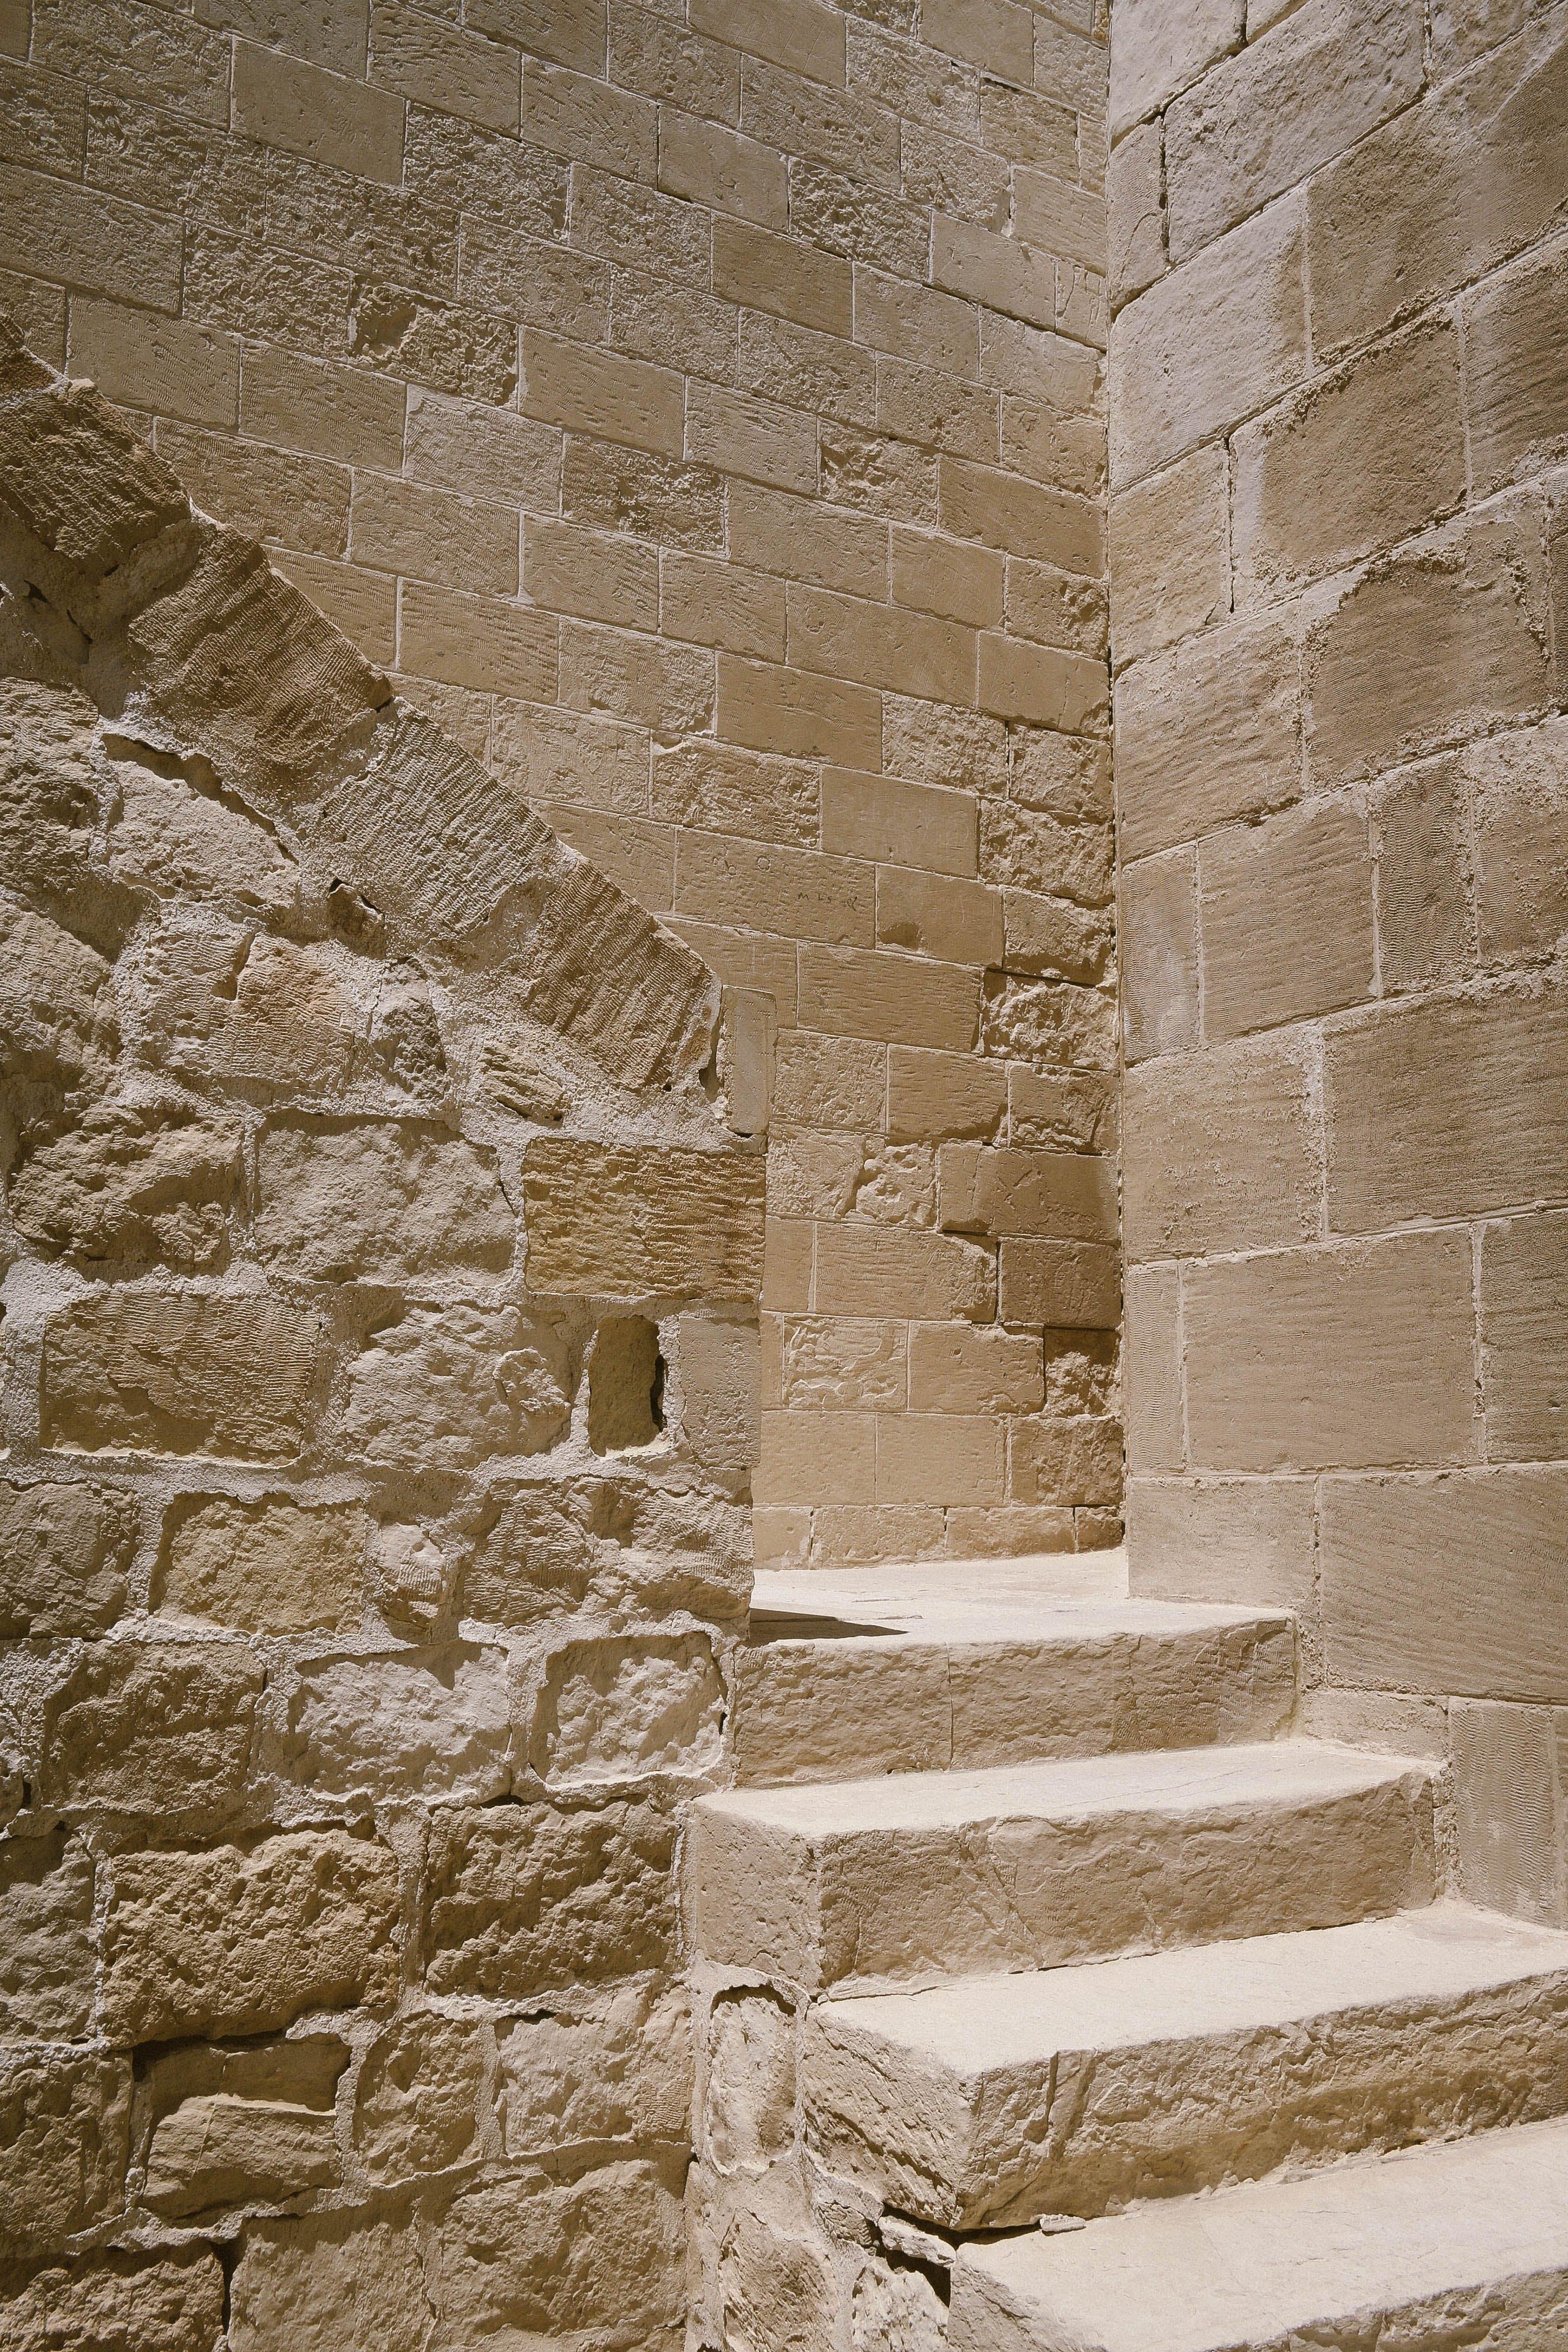 岩石, 樓梯, 石, 石灰石 的 免費圖庫相片